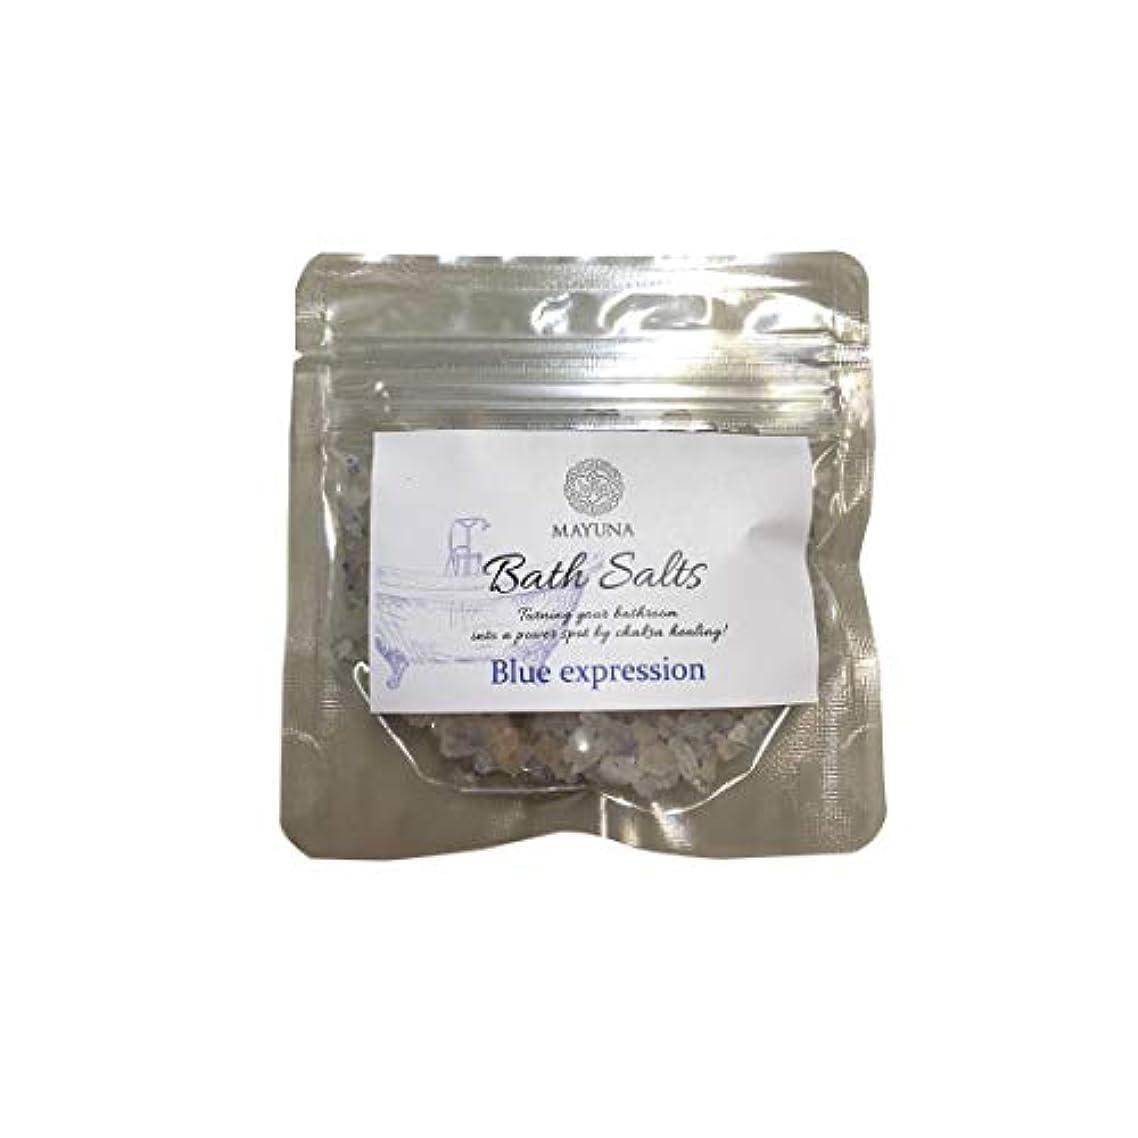 機械成熟した専門用語Mayuna Bath Salts マユナバスソルト クリスタルフォーチュン 50g (ブルーエクスプレッション)